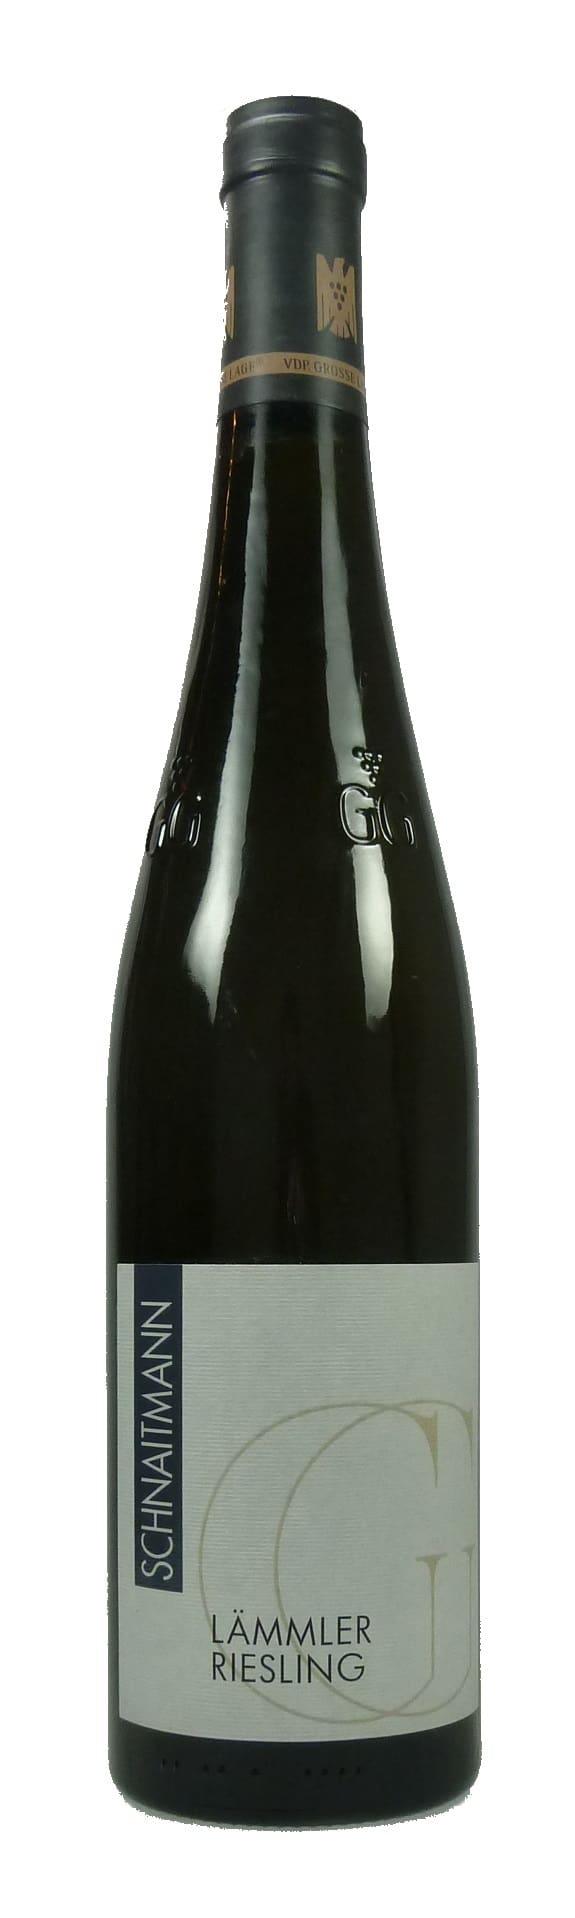 Lämmler Riesling Großes Gewächs Qualitätswein trocken 2015